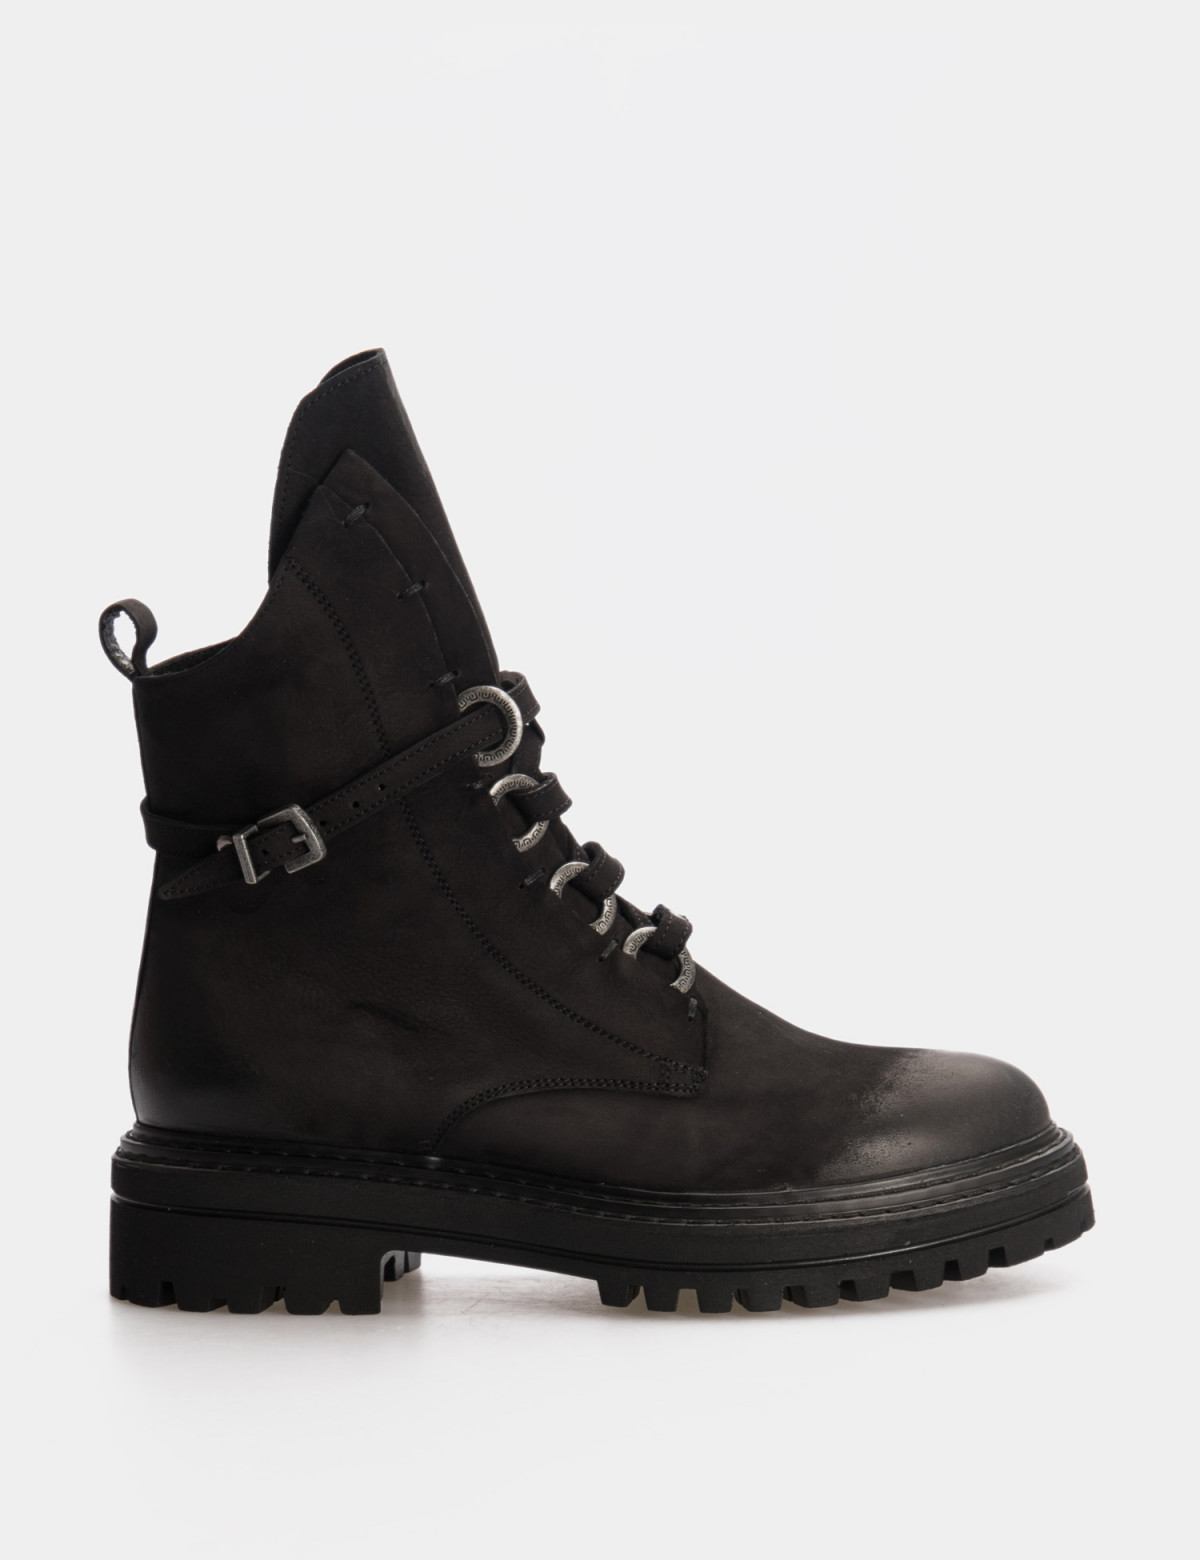 Ботинки черные. Натуральный нубук. Байка